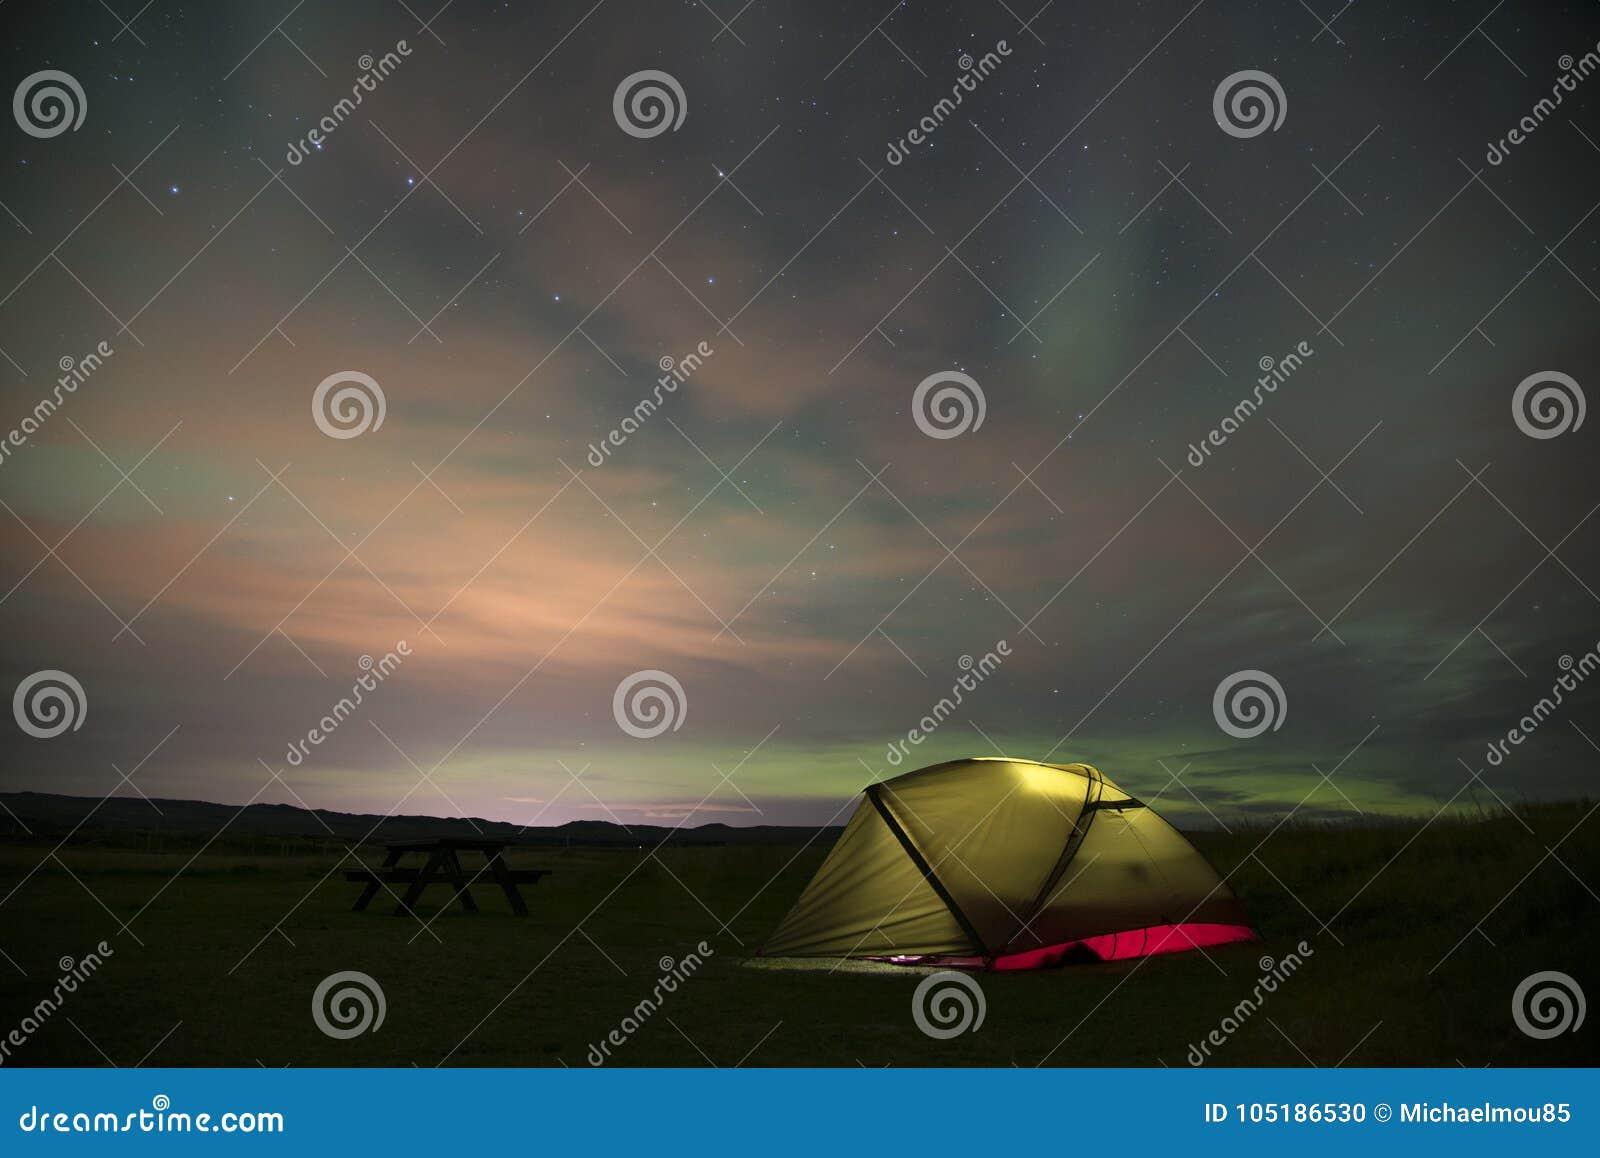 Aurora Borealis Northern Lights Iceland och upplyst tält 4